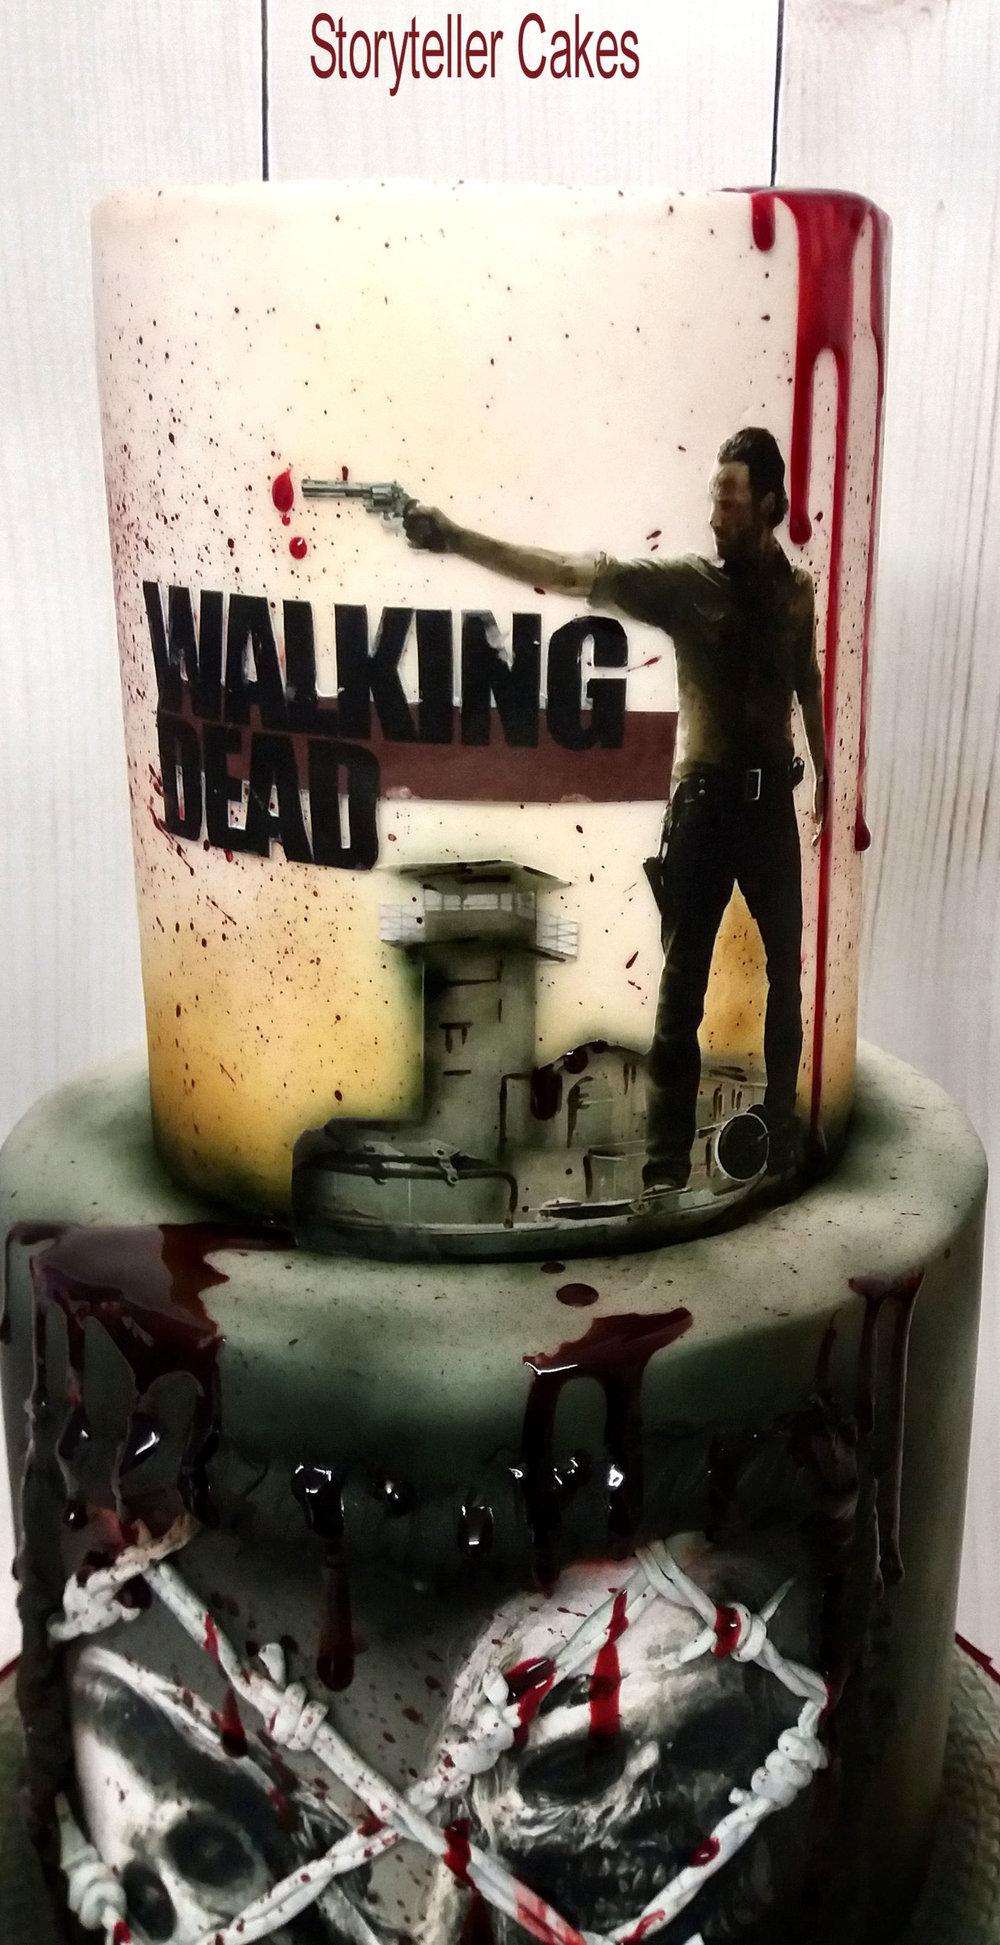 Walking Dead Cake 2.jpg